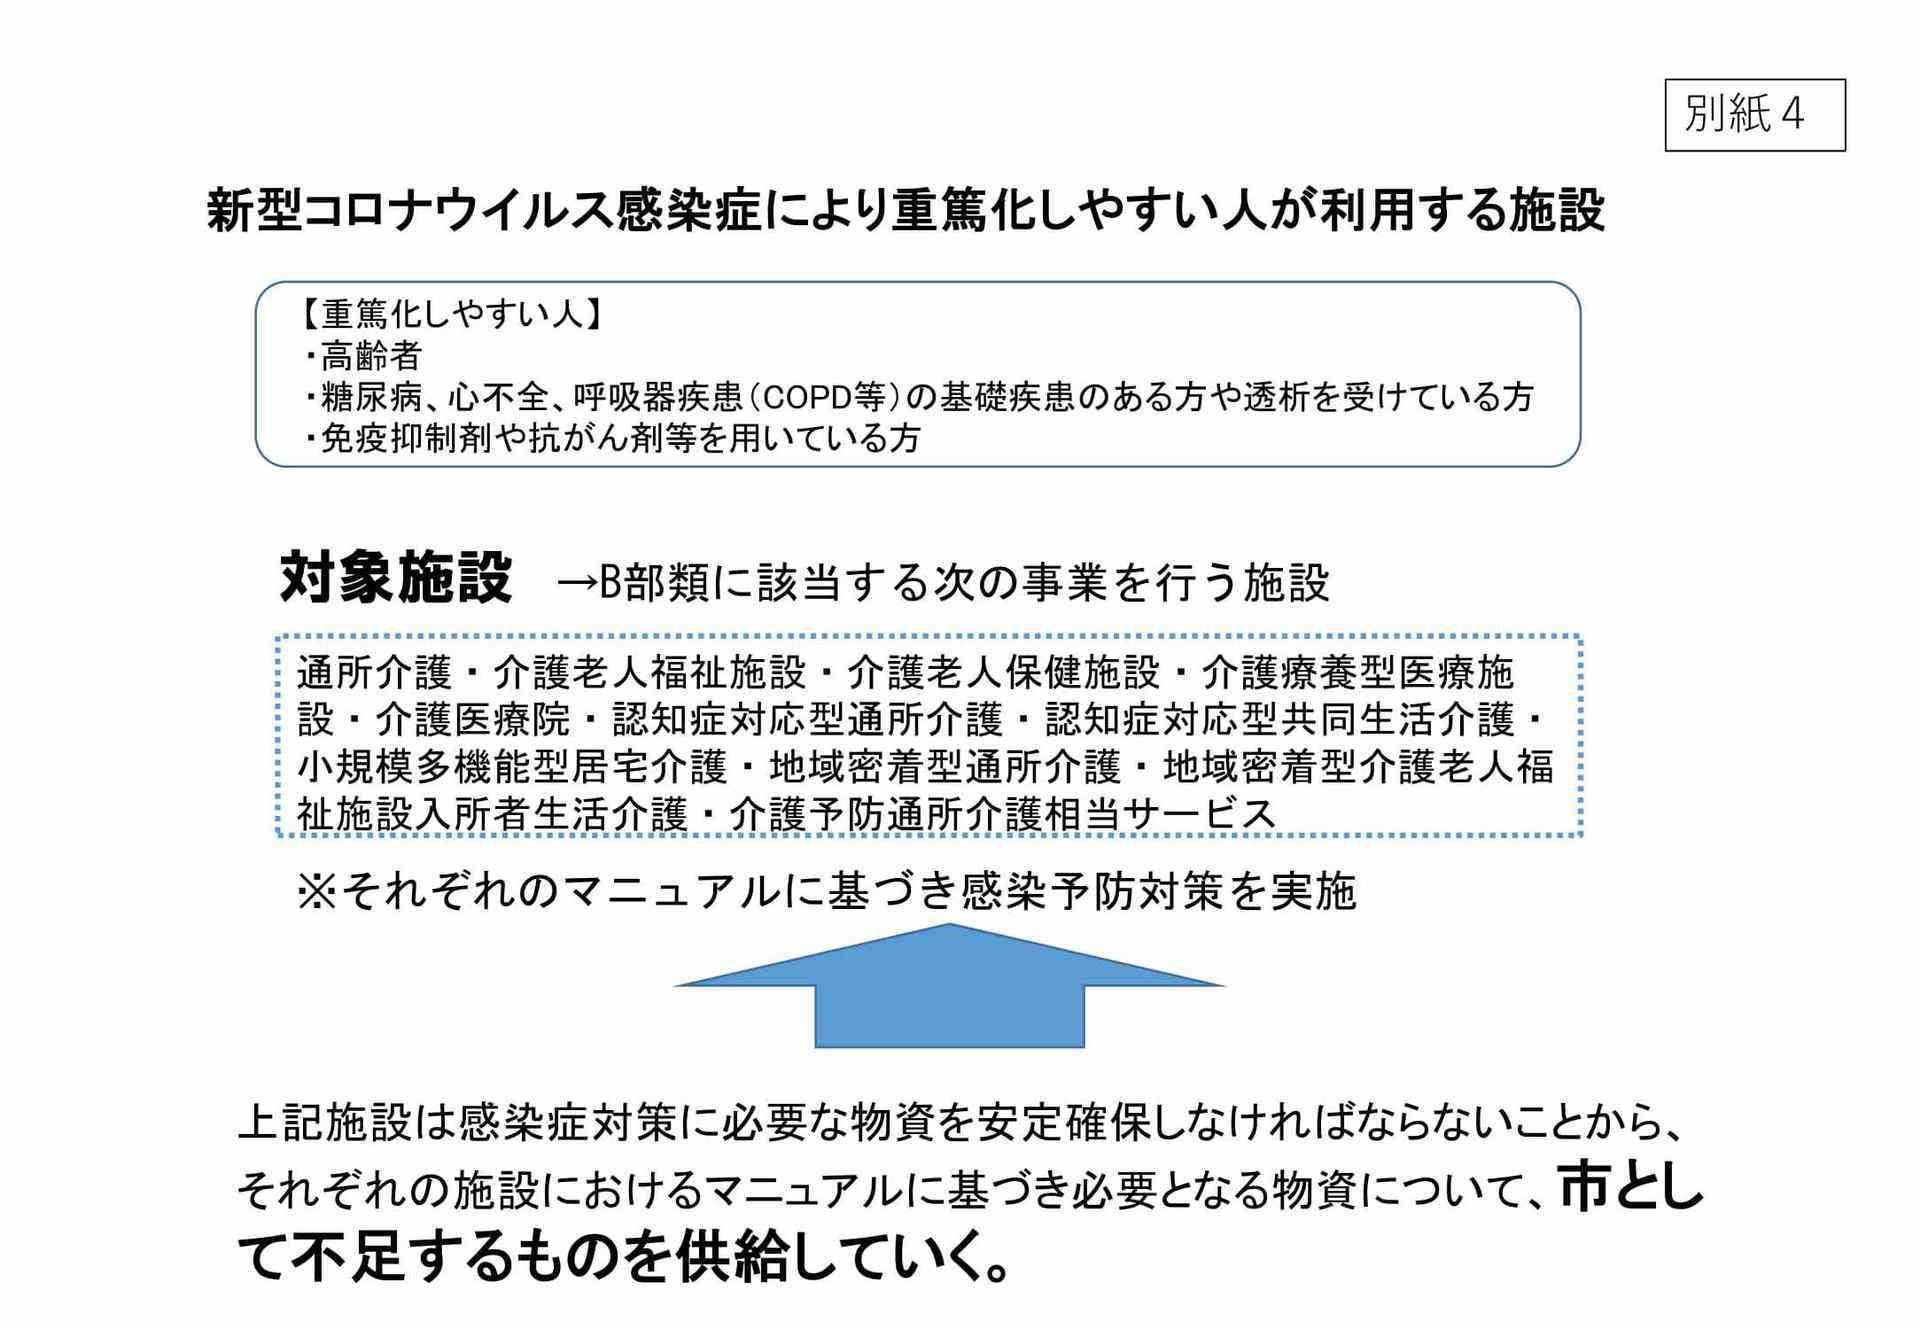 別紙4.jpg